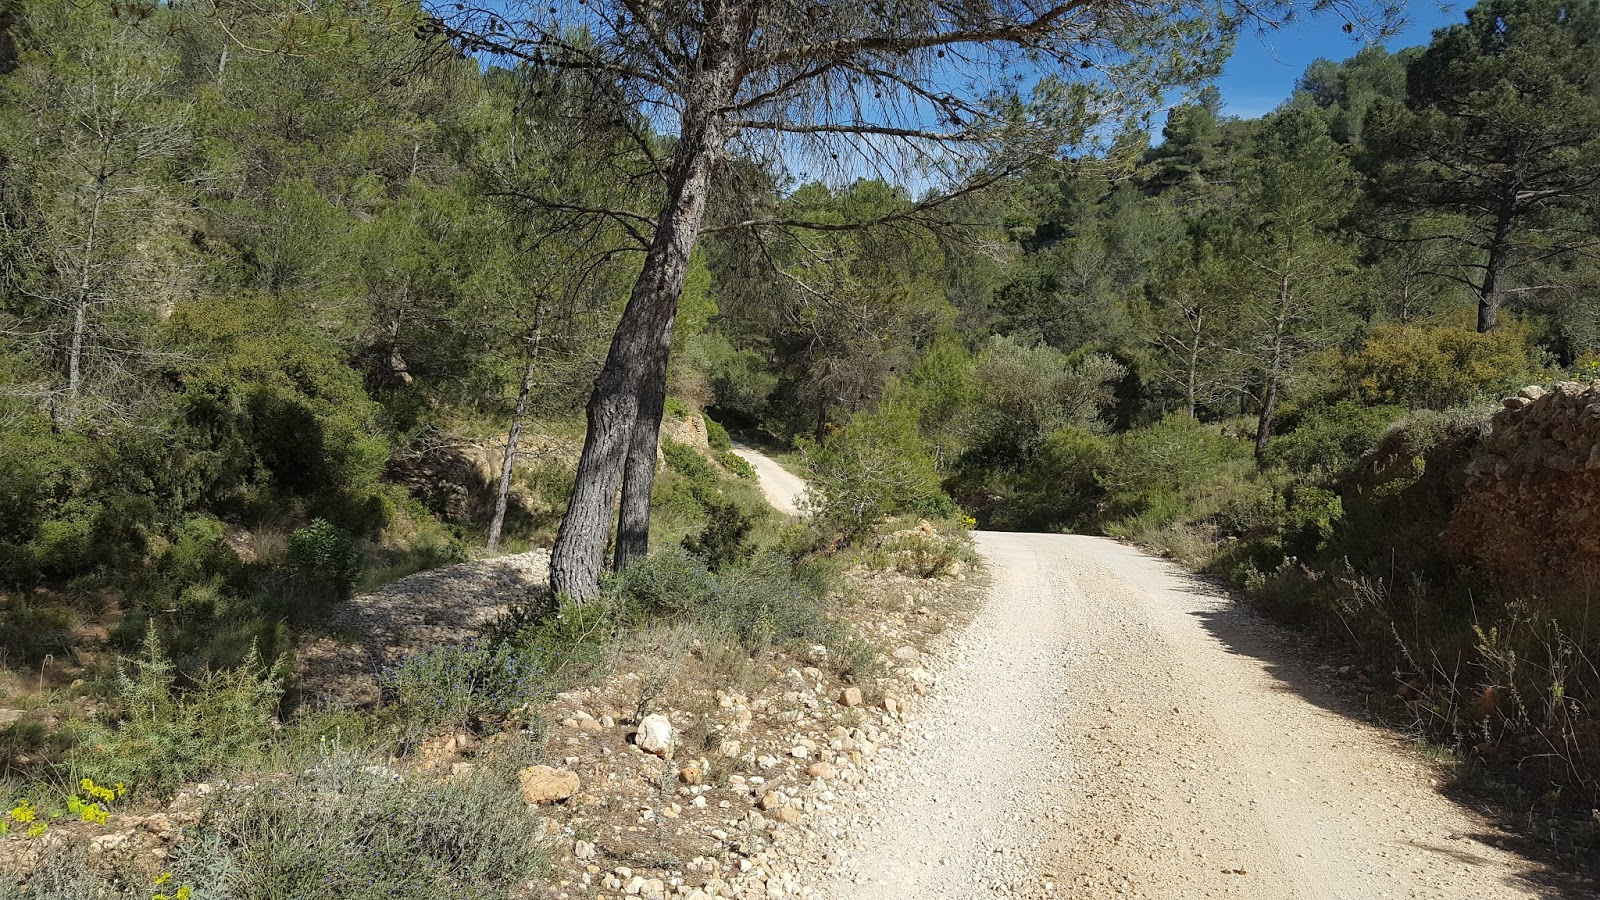 Cycling in Valencia - Off-road, Quatretonda